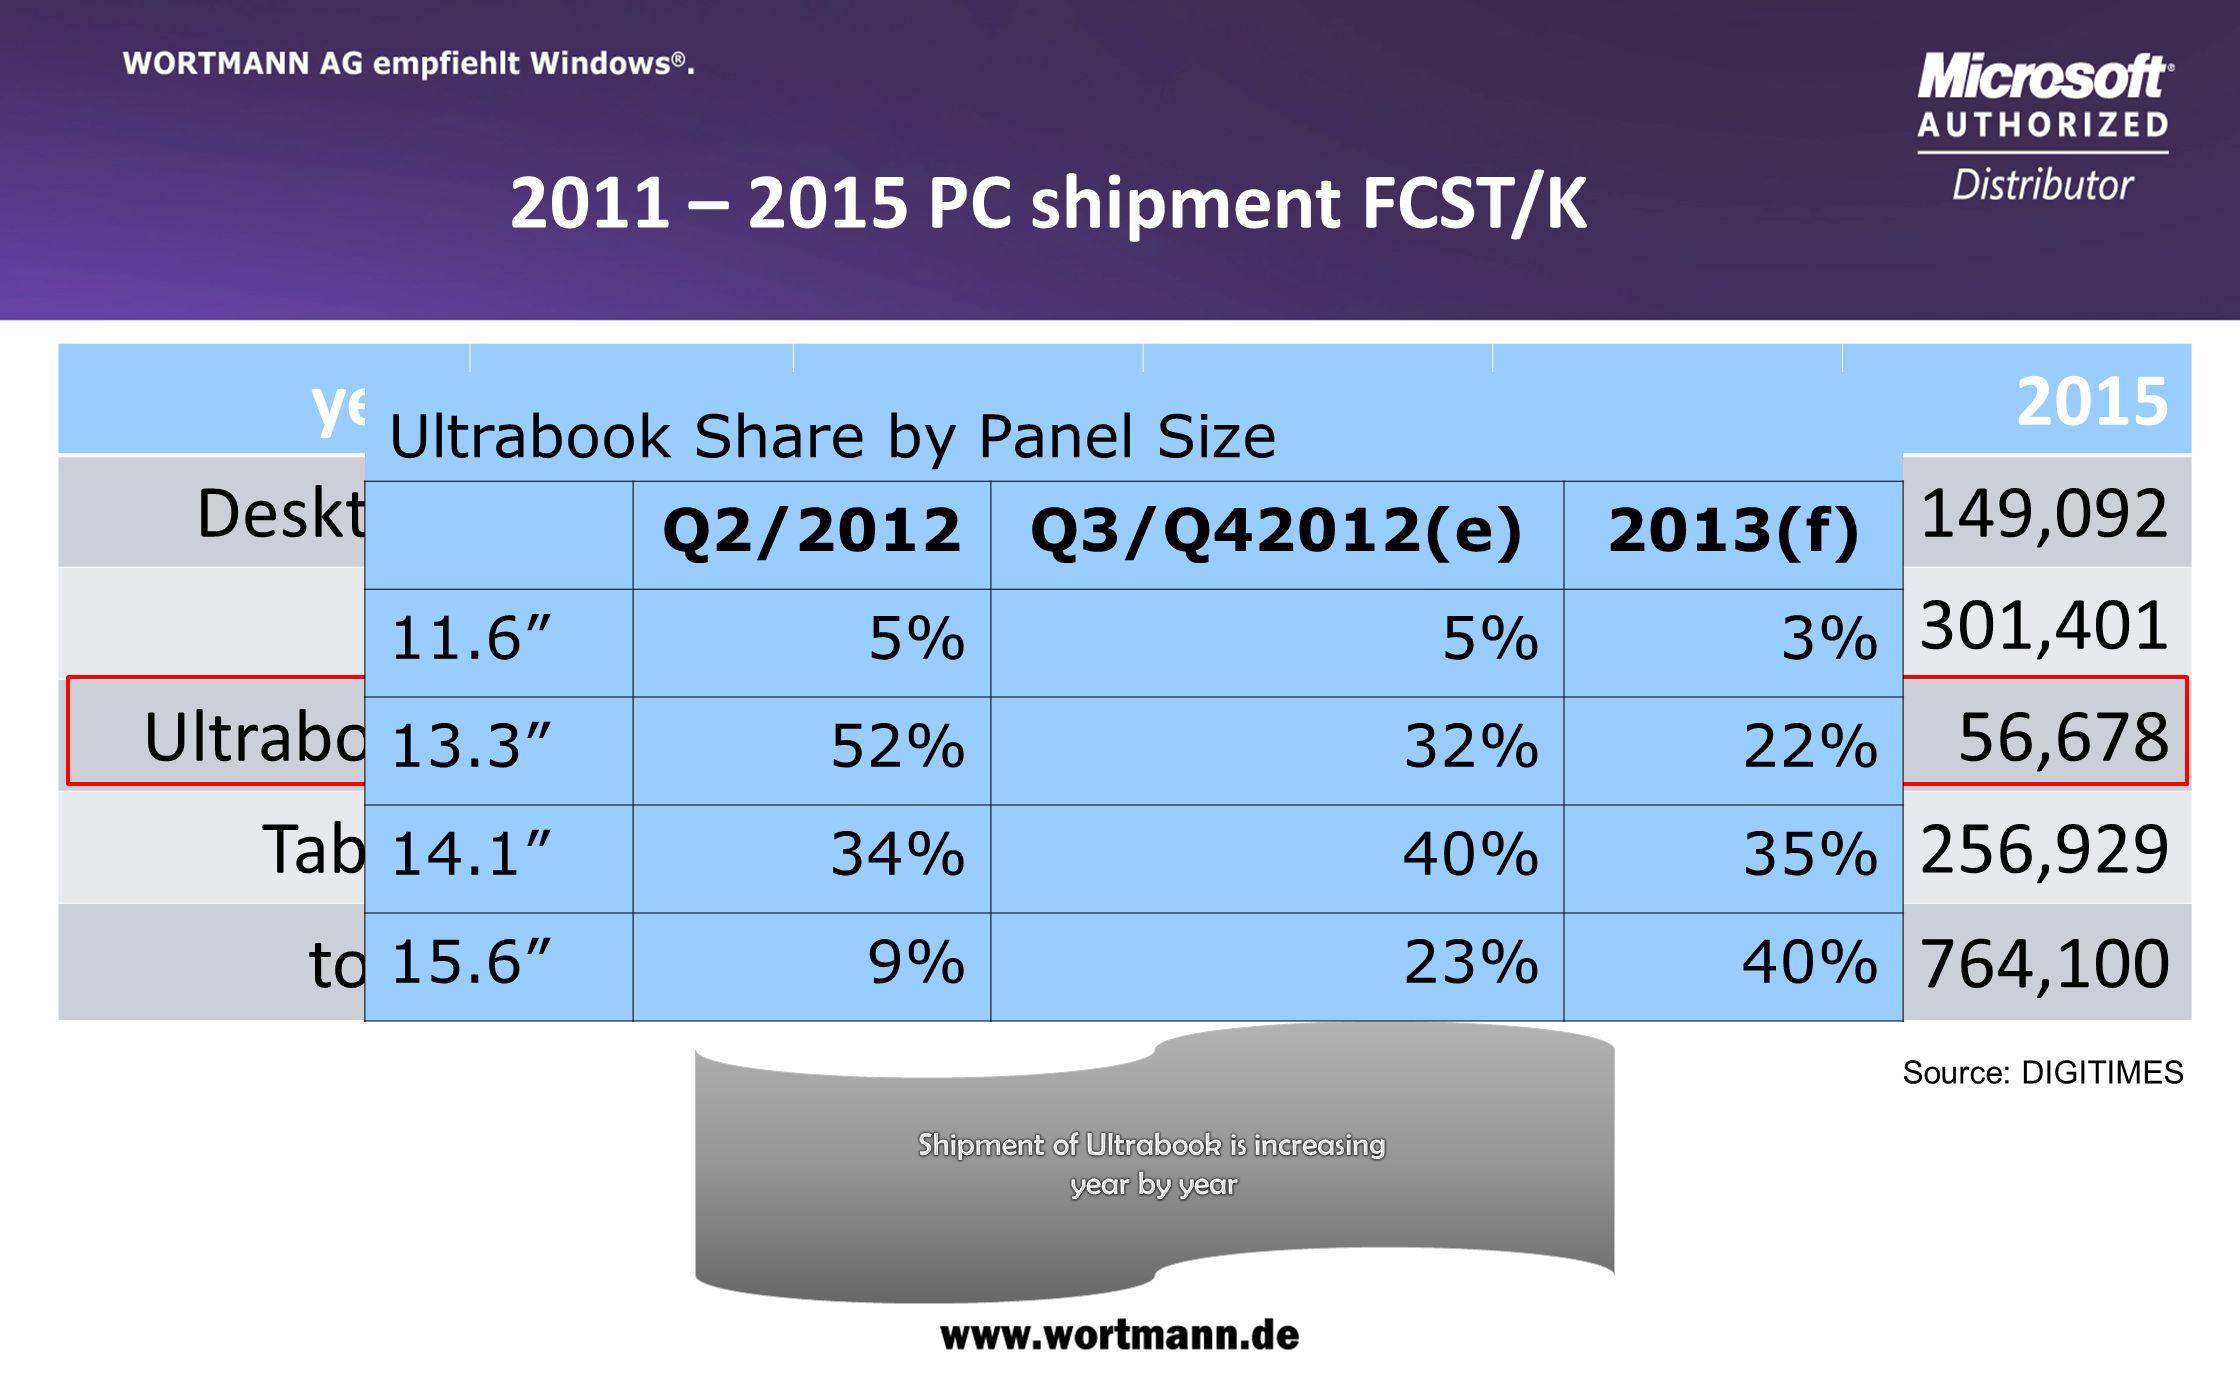 www.wortmann.de year20112012201320142015 Desktop155,636152,289152,138147,986149,092 NB202,906209,264246,305278,142301,401 Ultrabook6,54210,74217,06634